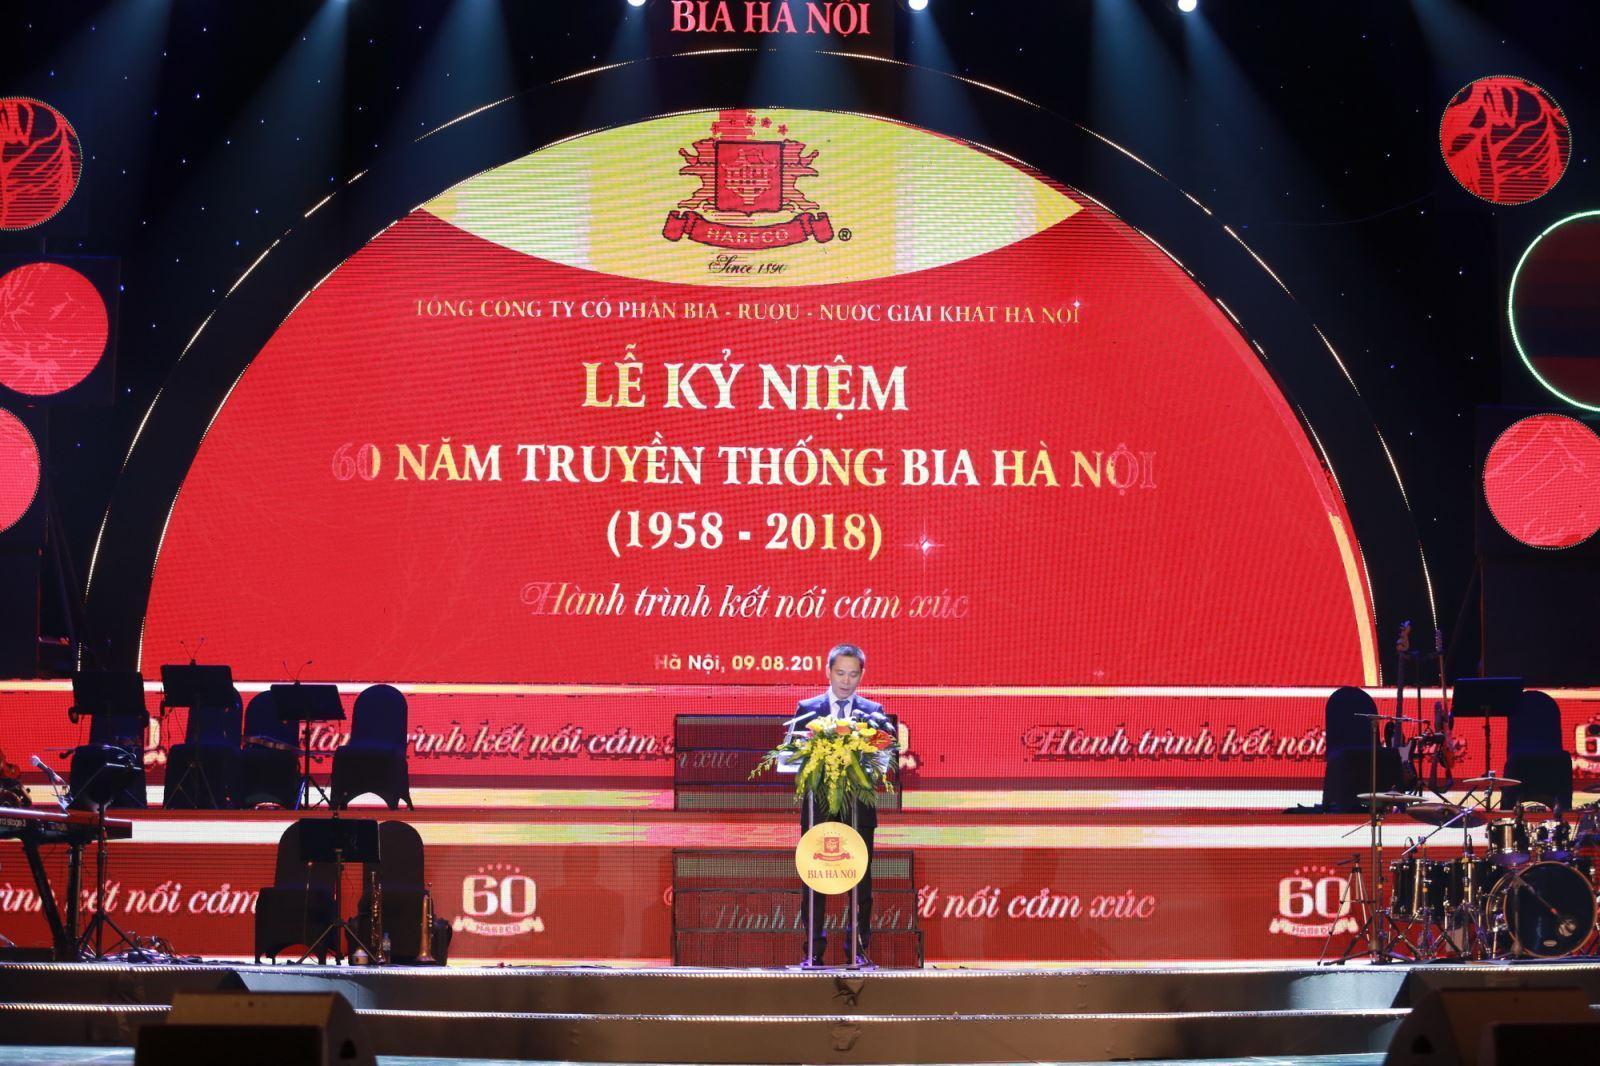 Lễ kỷ niệm 60 năm truyền thống Bia Hà Nội (15/8/1958 – 15/8/2018)